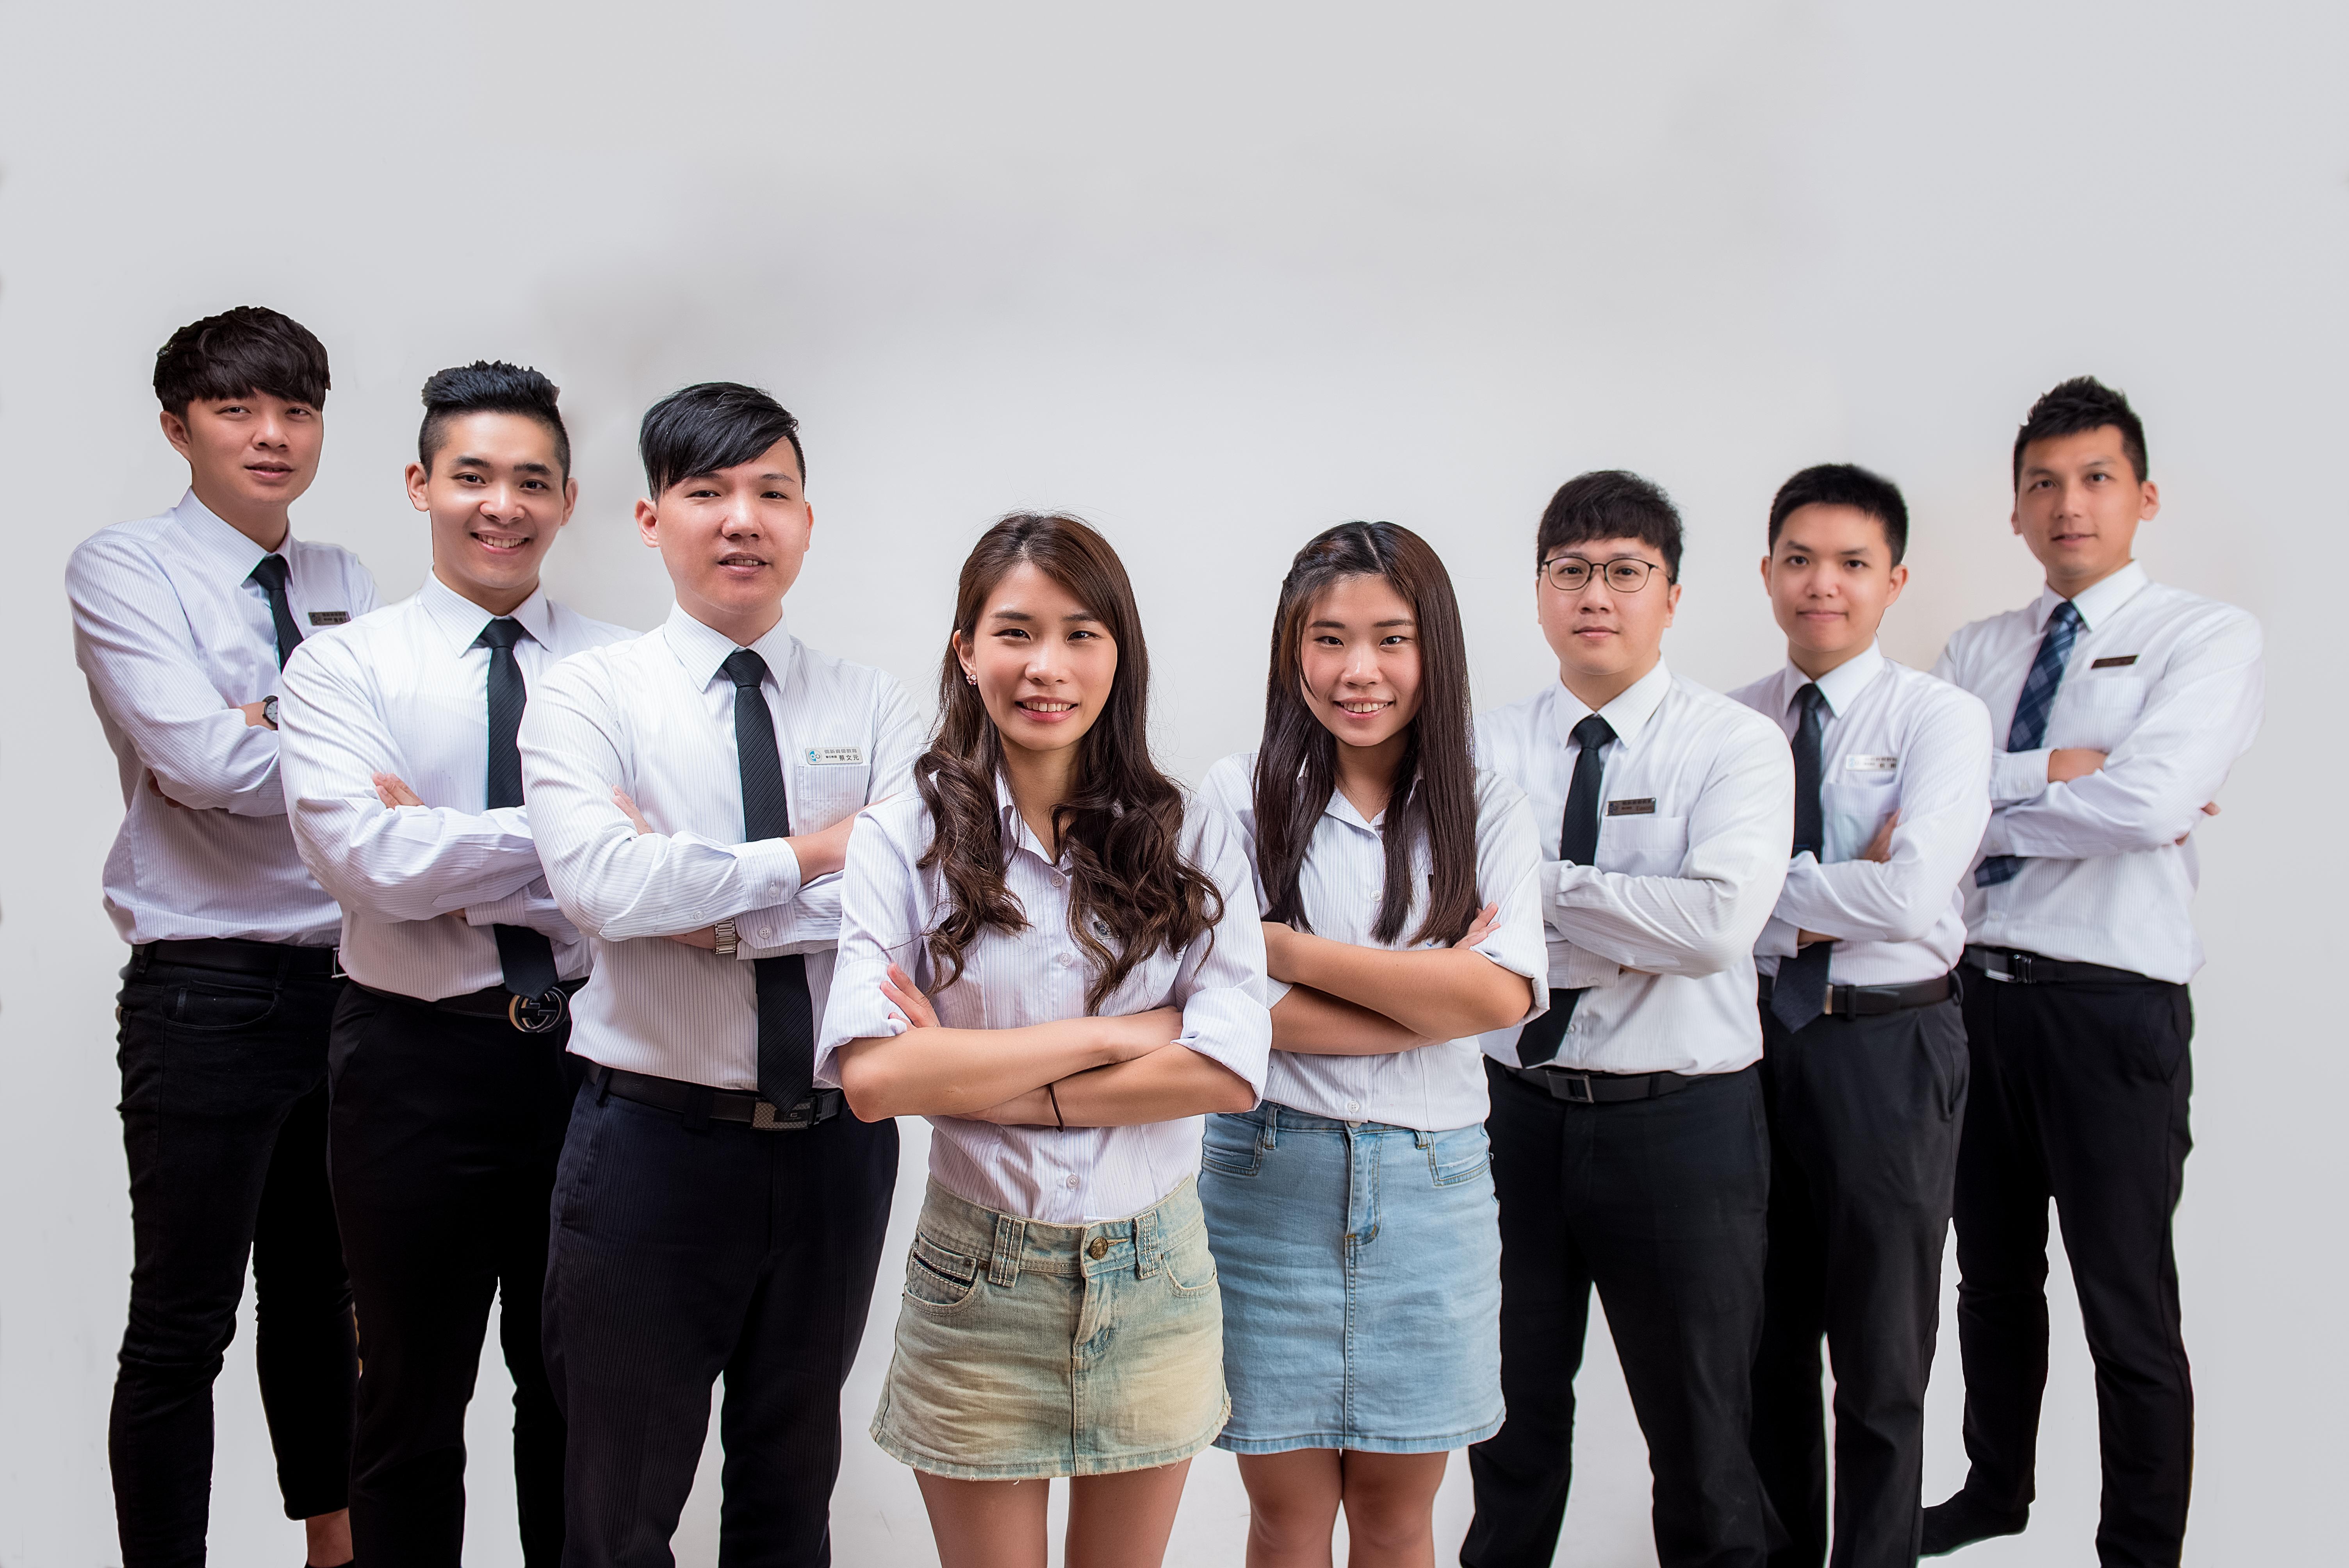 台中英文補習班教師團體形象照